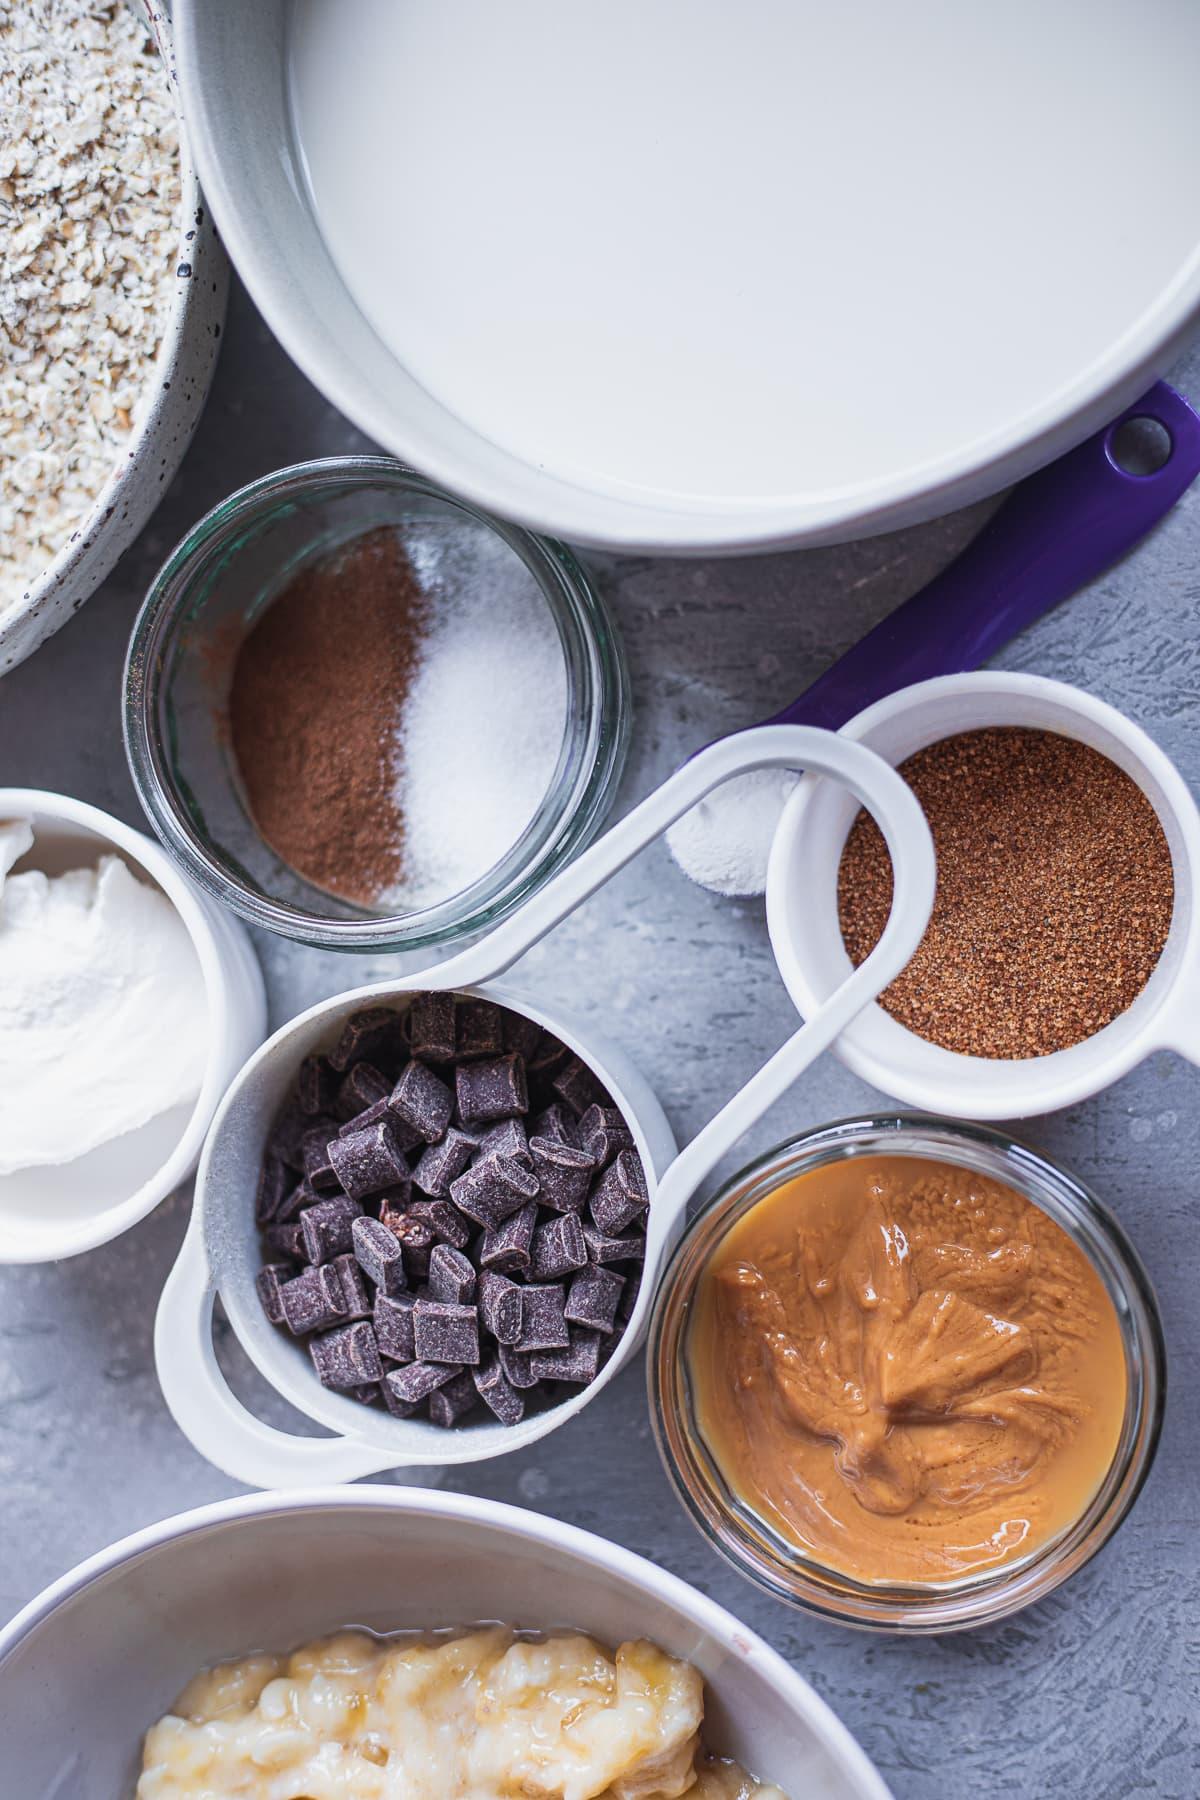 Ingredients for vegan banana bread oats